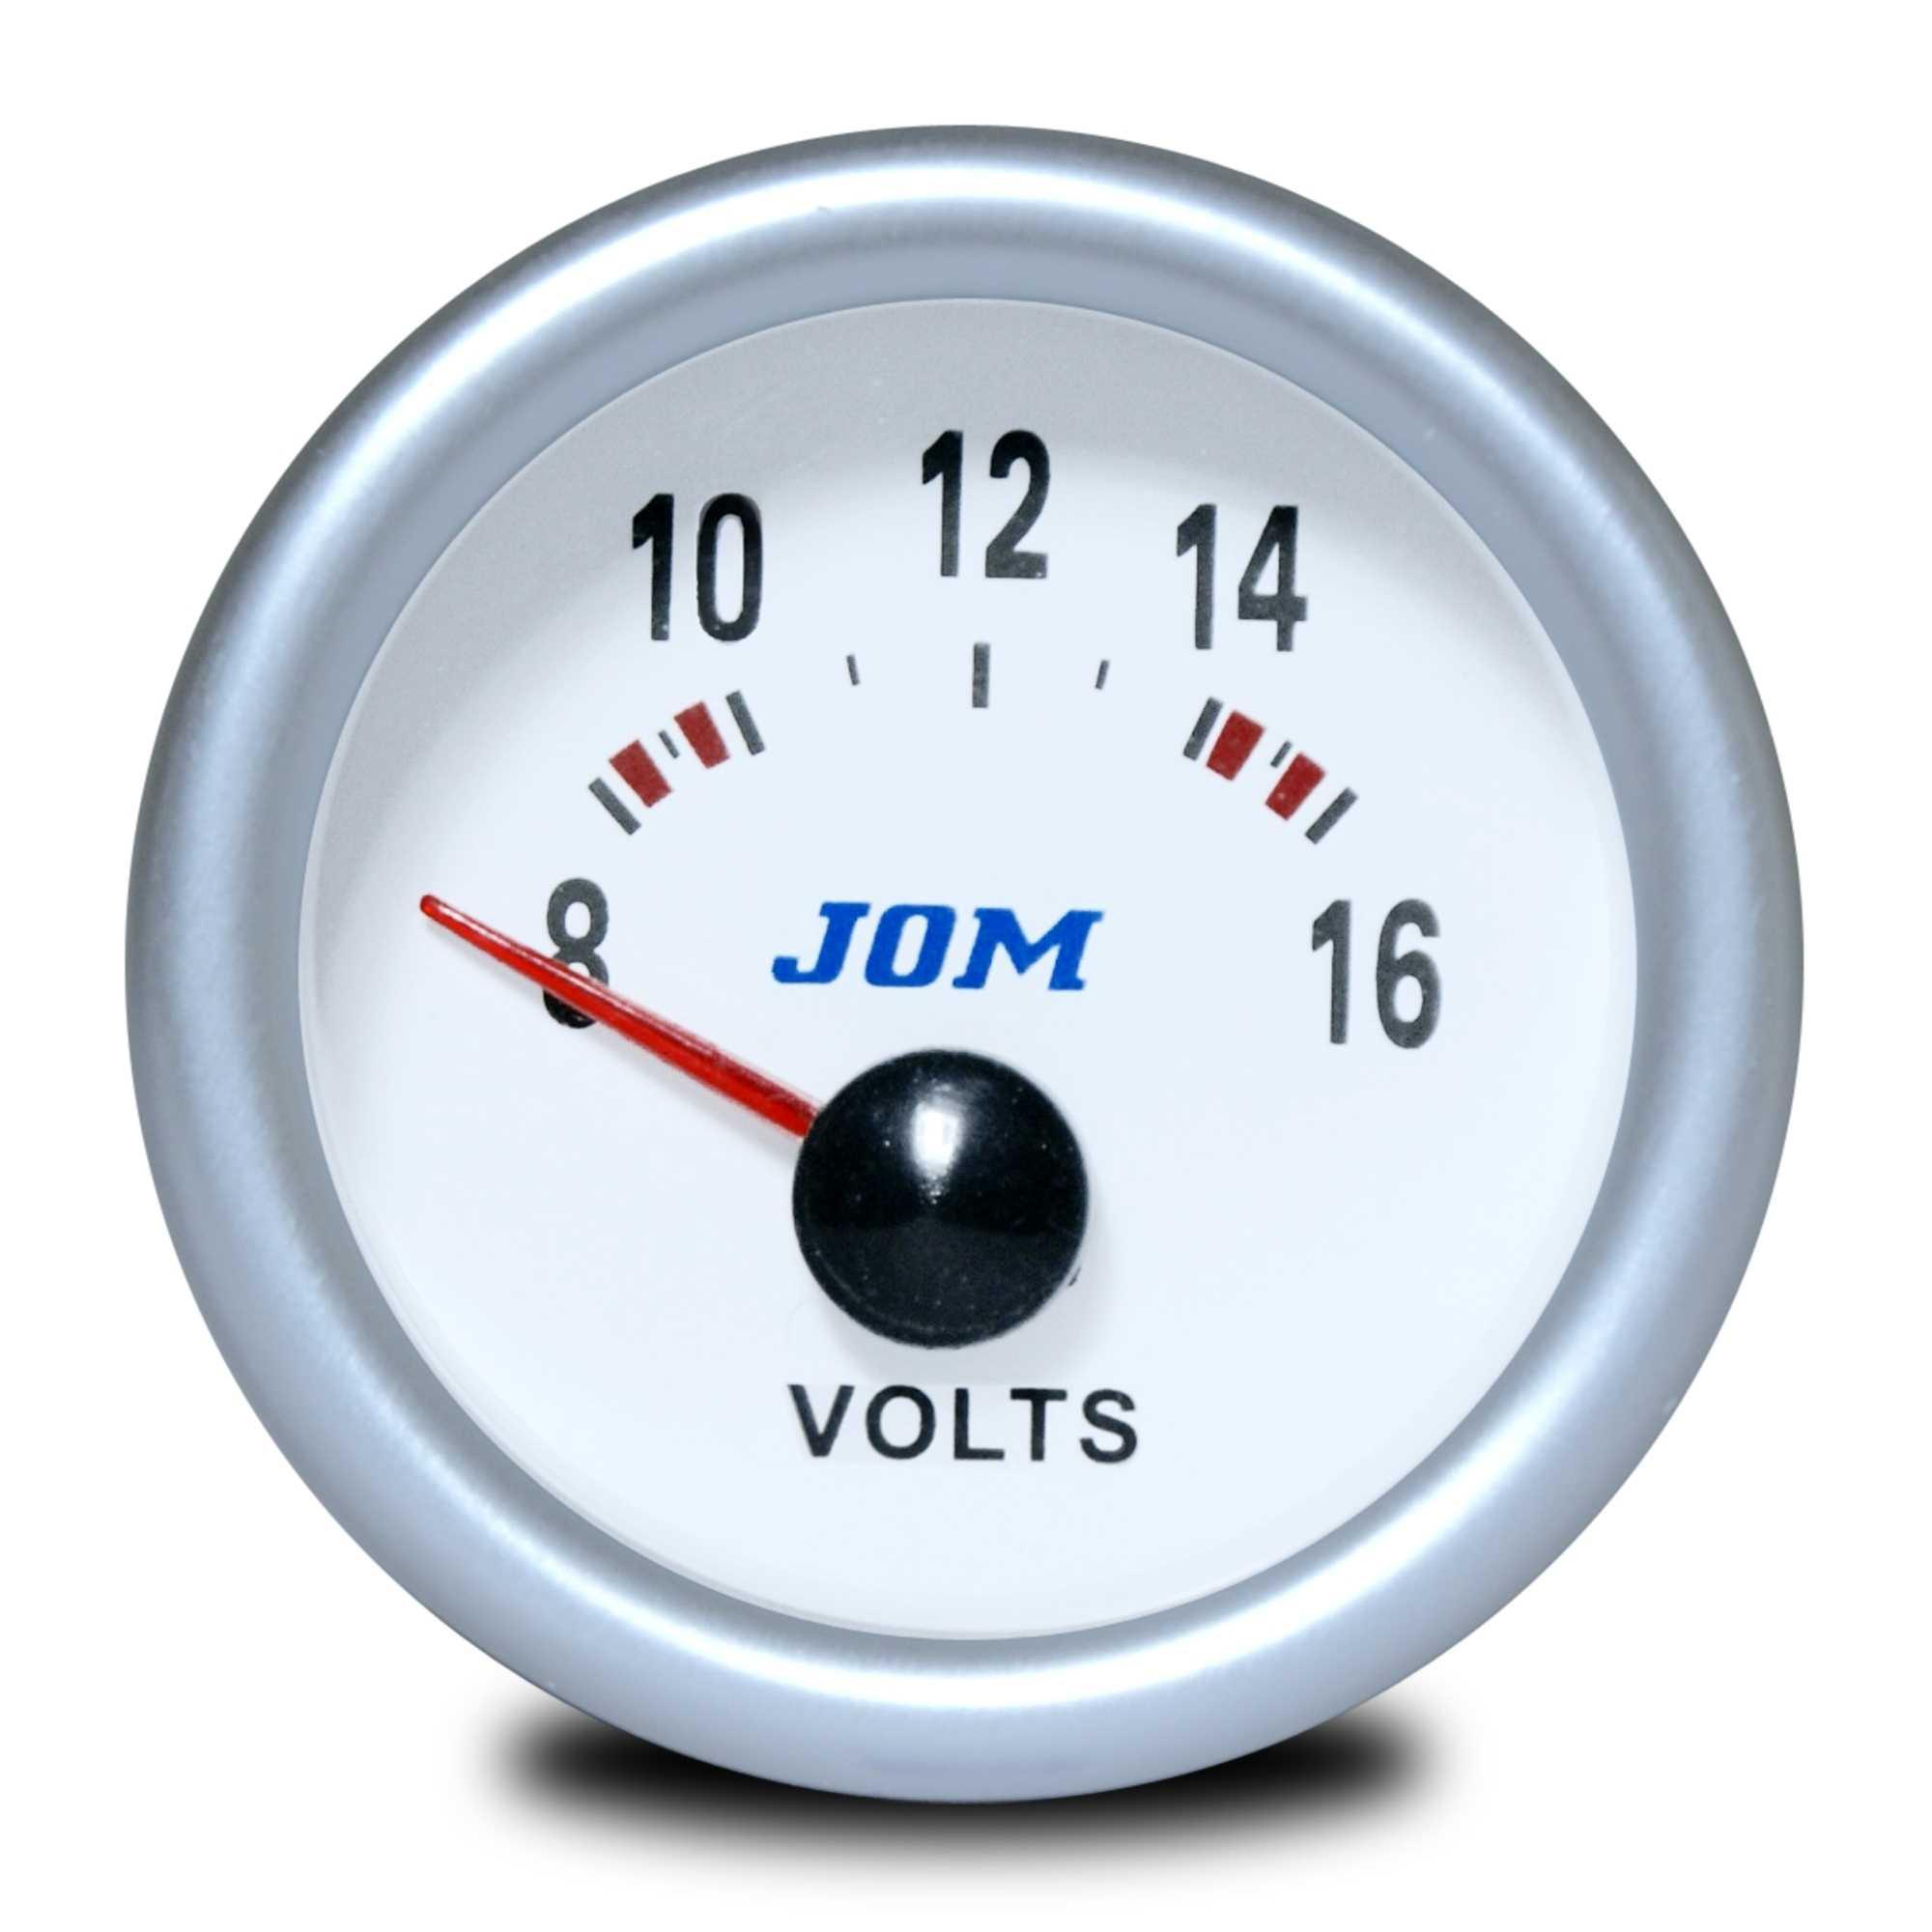 Palubní přístroj - voltmetr s bílým podkladem (Voltmetr - bílý podklad přídavný přístroj)